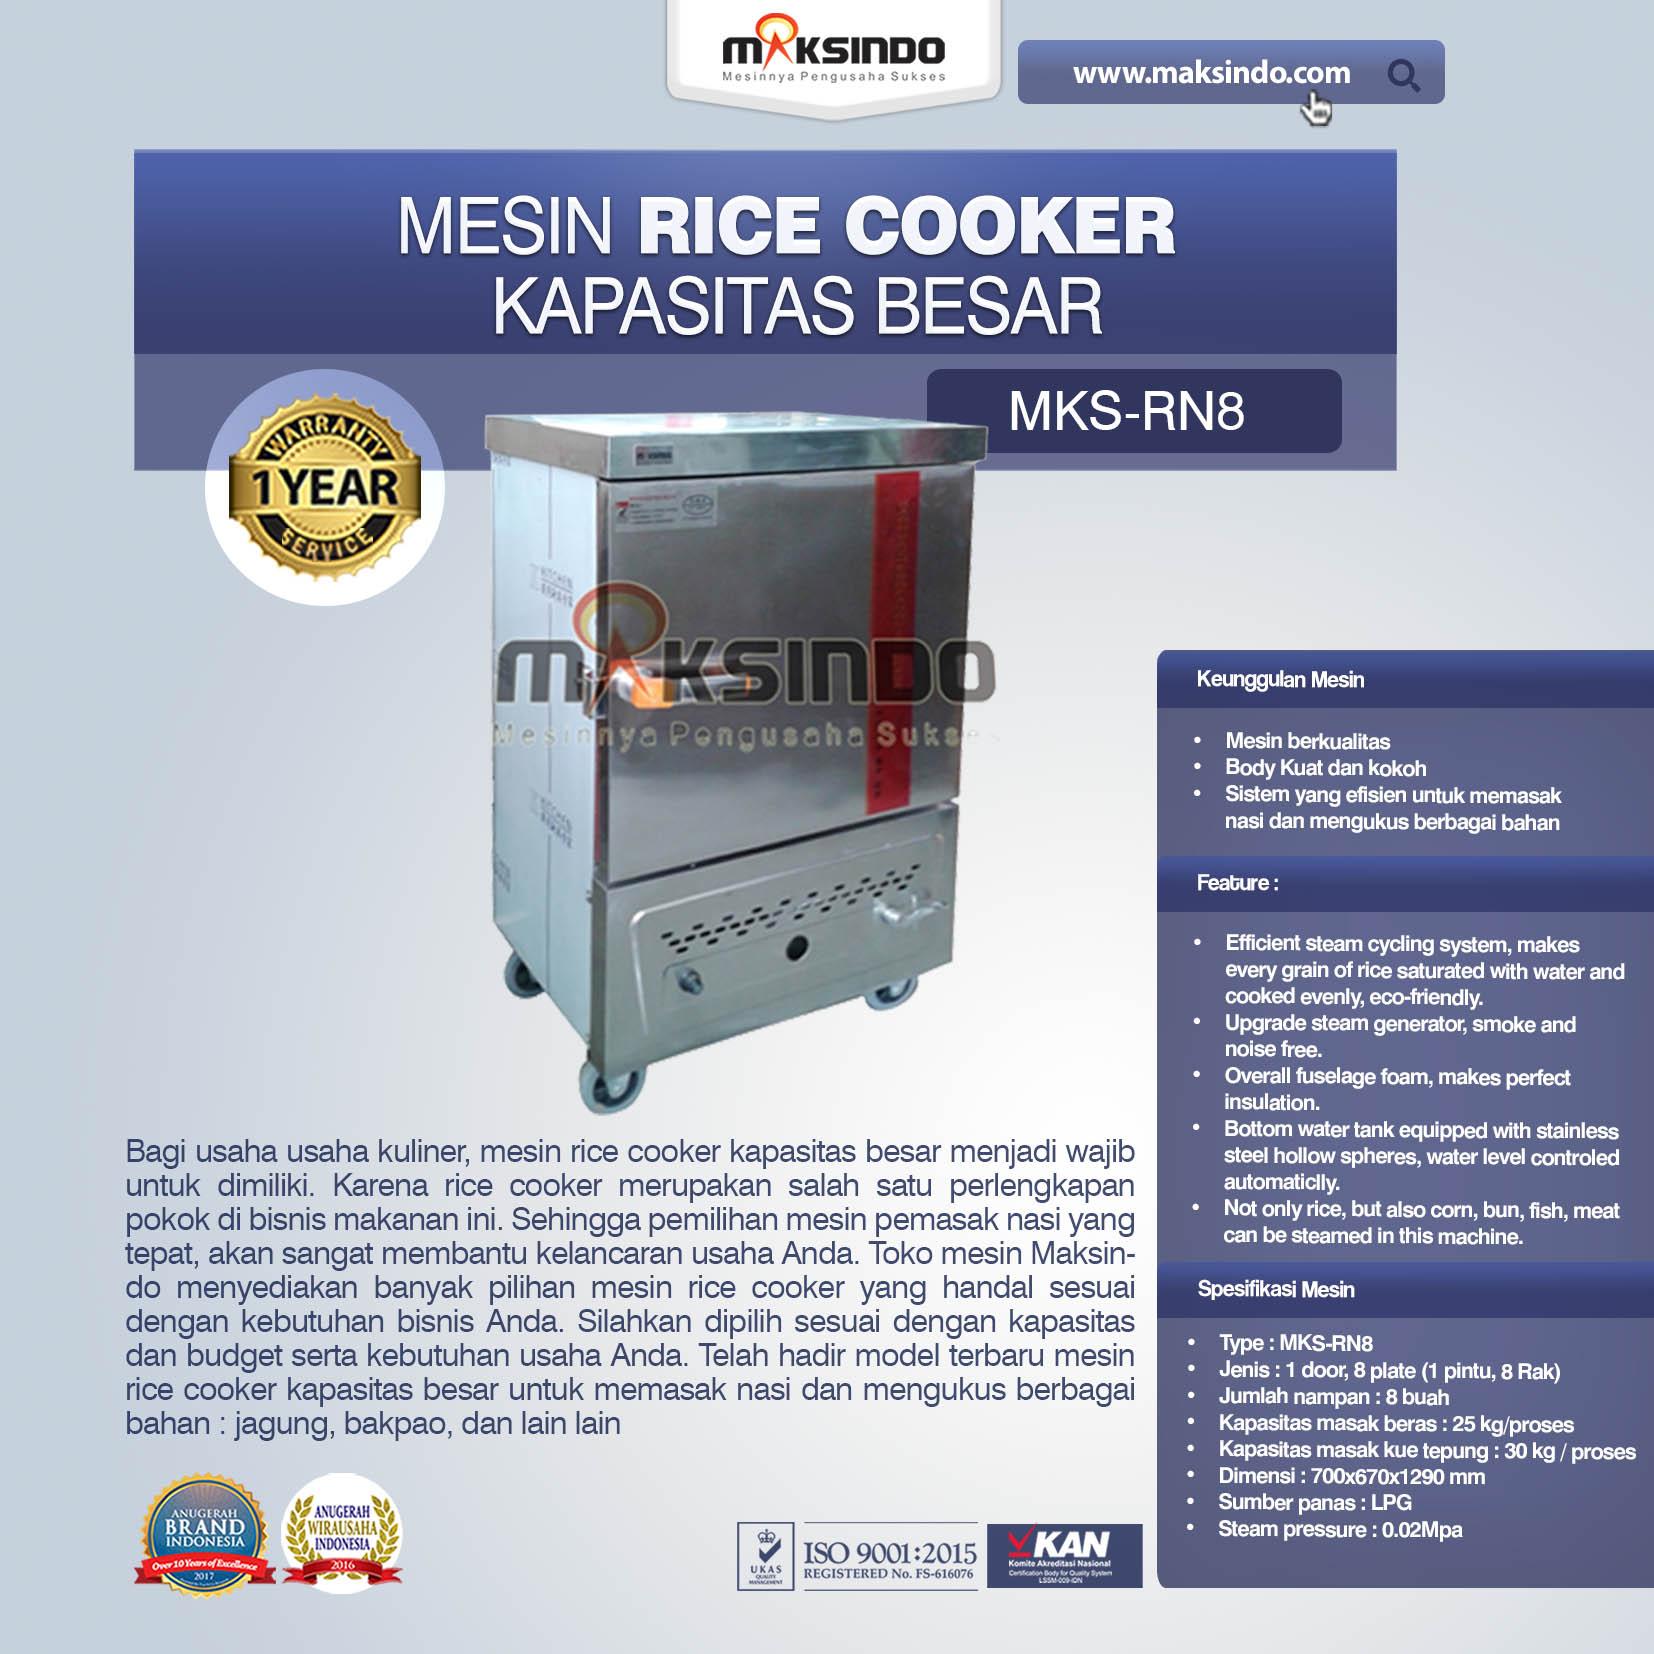 Jual Rice Cooker Kapasitas Besar 25 kg 8 Rak di Semarang